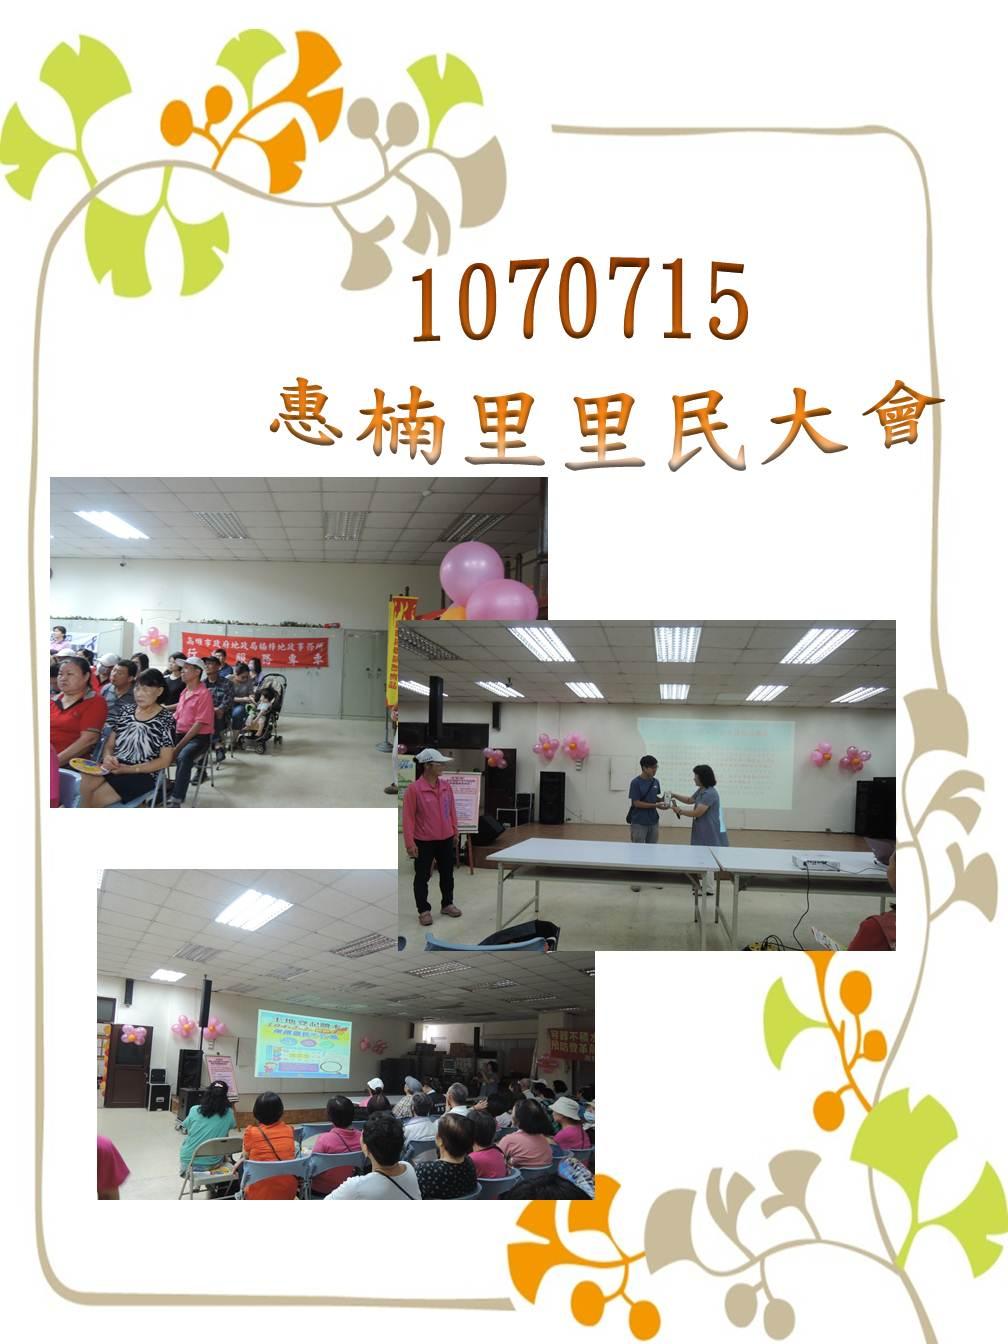 惠楠里里民大會宣導照片